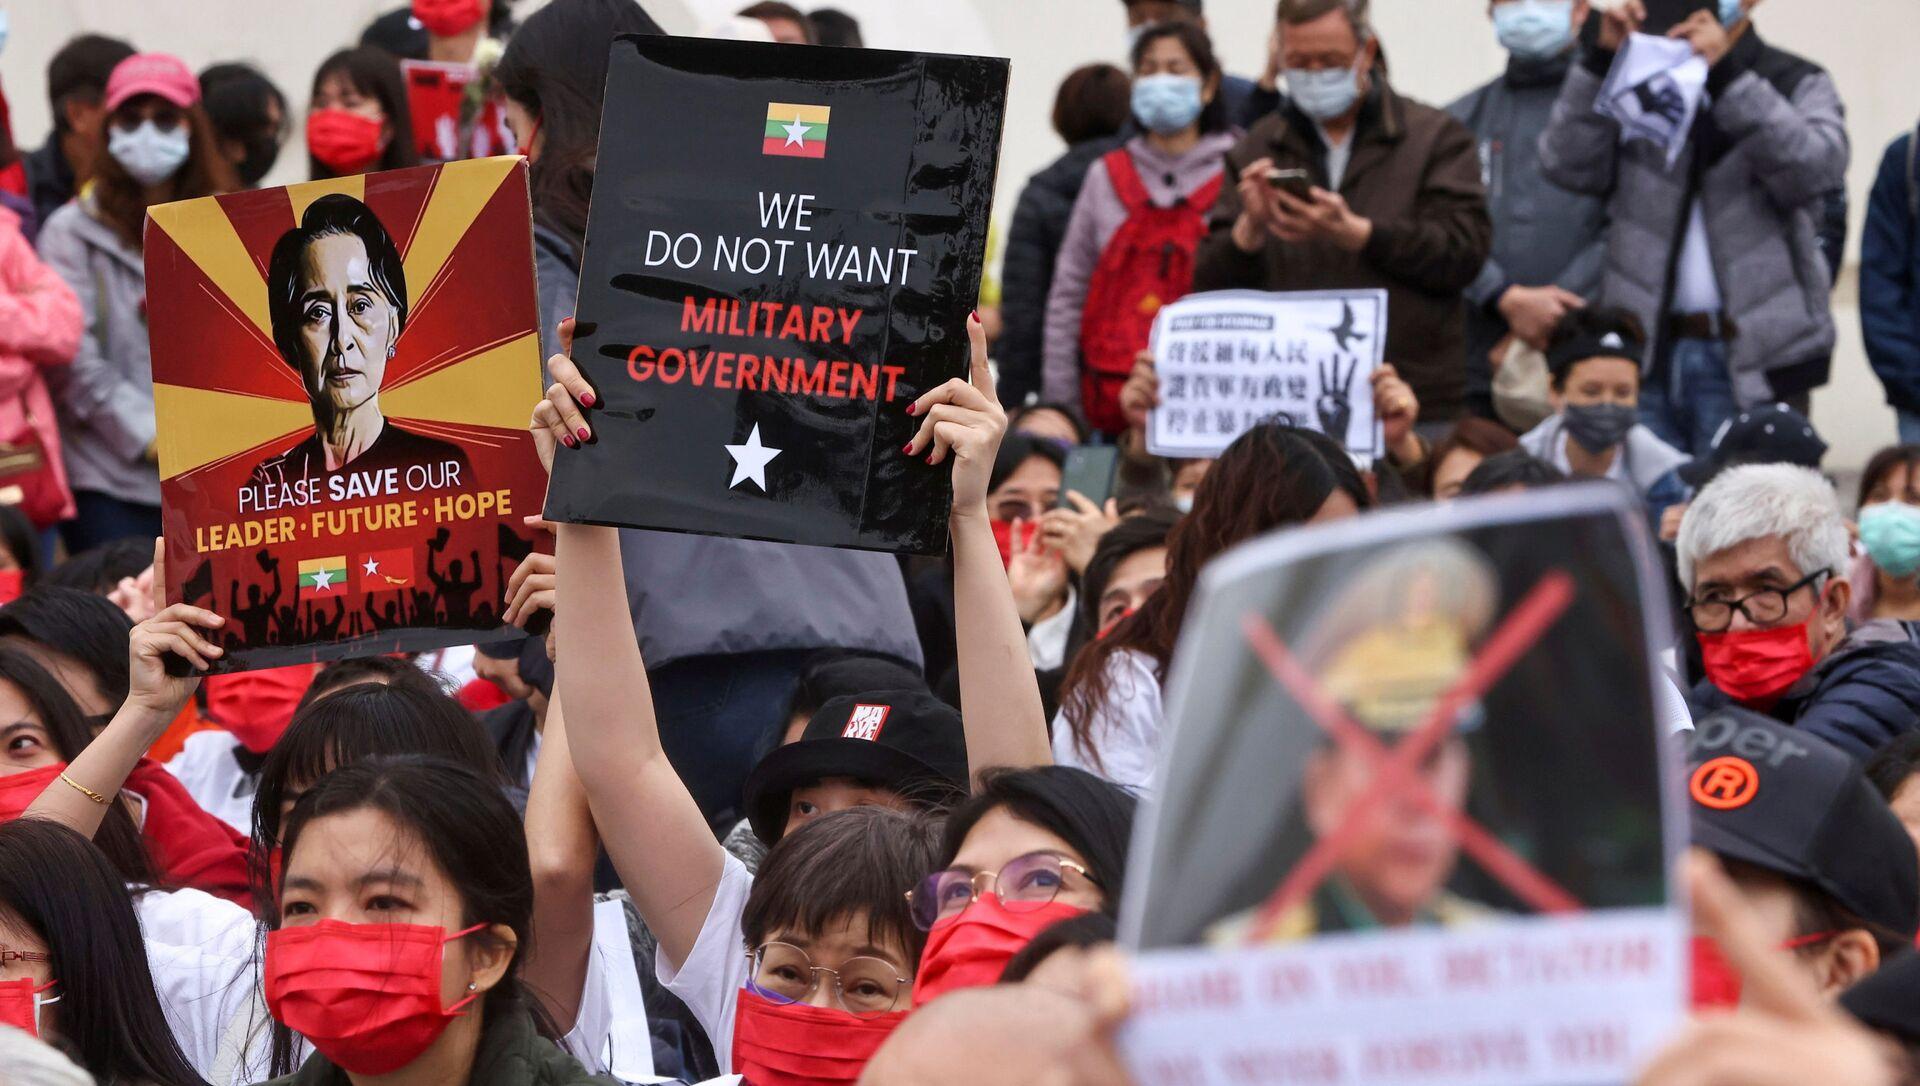 Myanmar'da darbe karşıtı protesto - Sputnik Türkiye, 1920, 11.04.2021